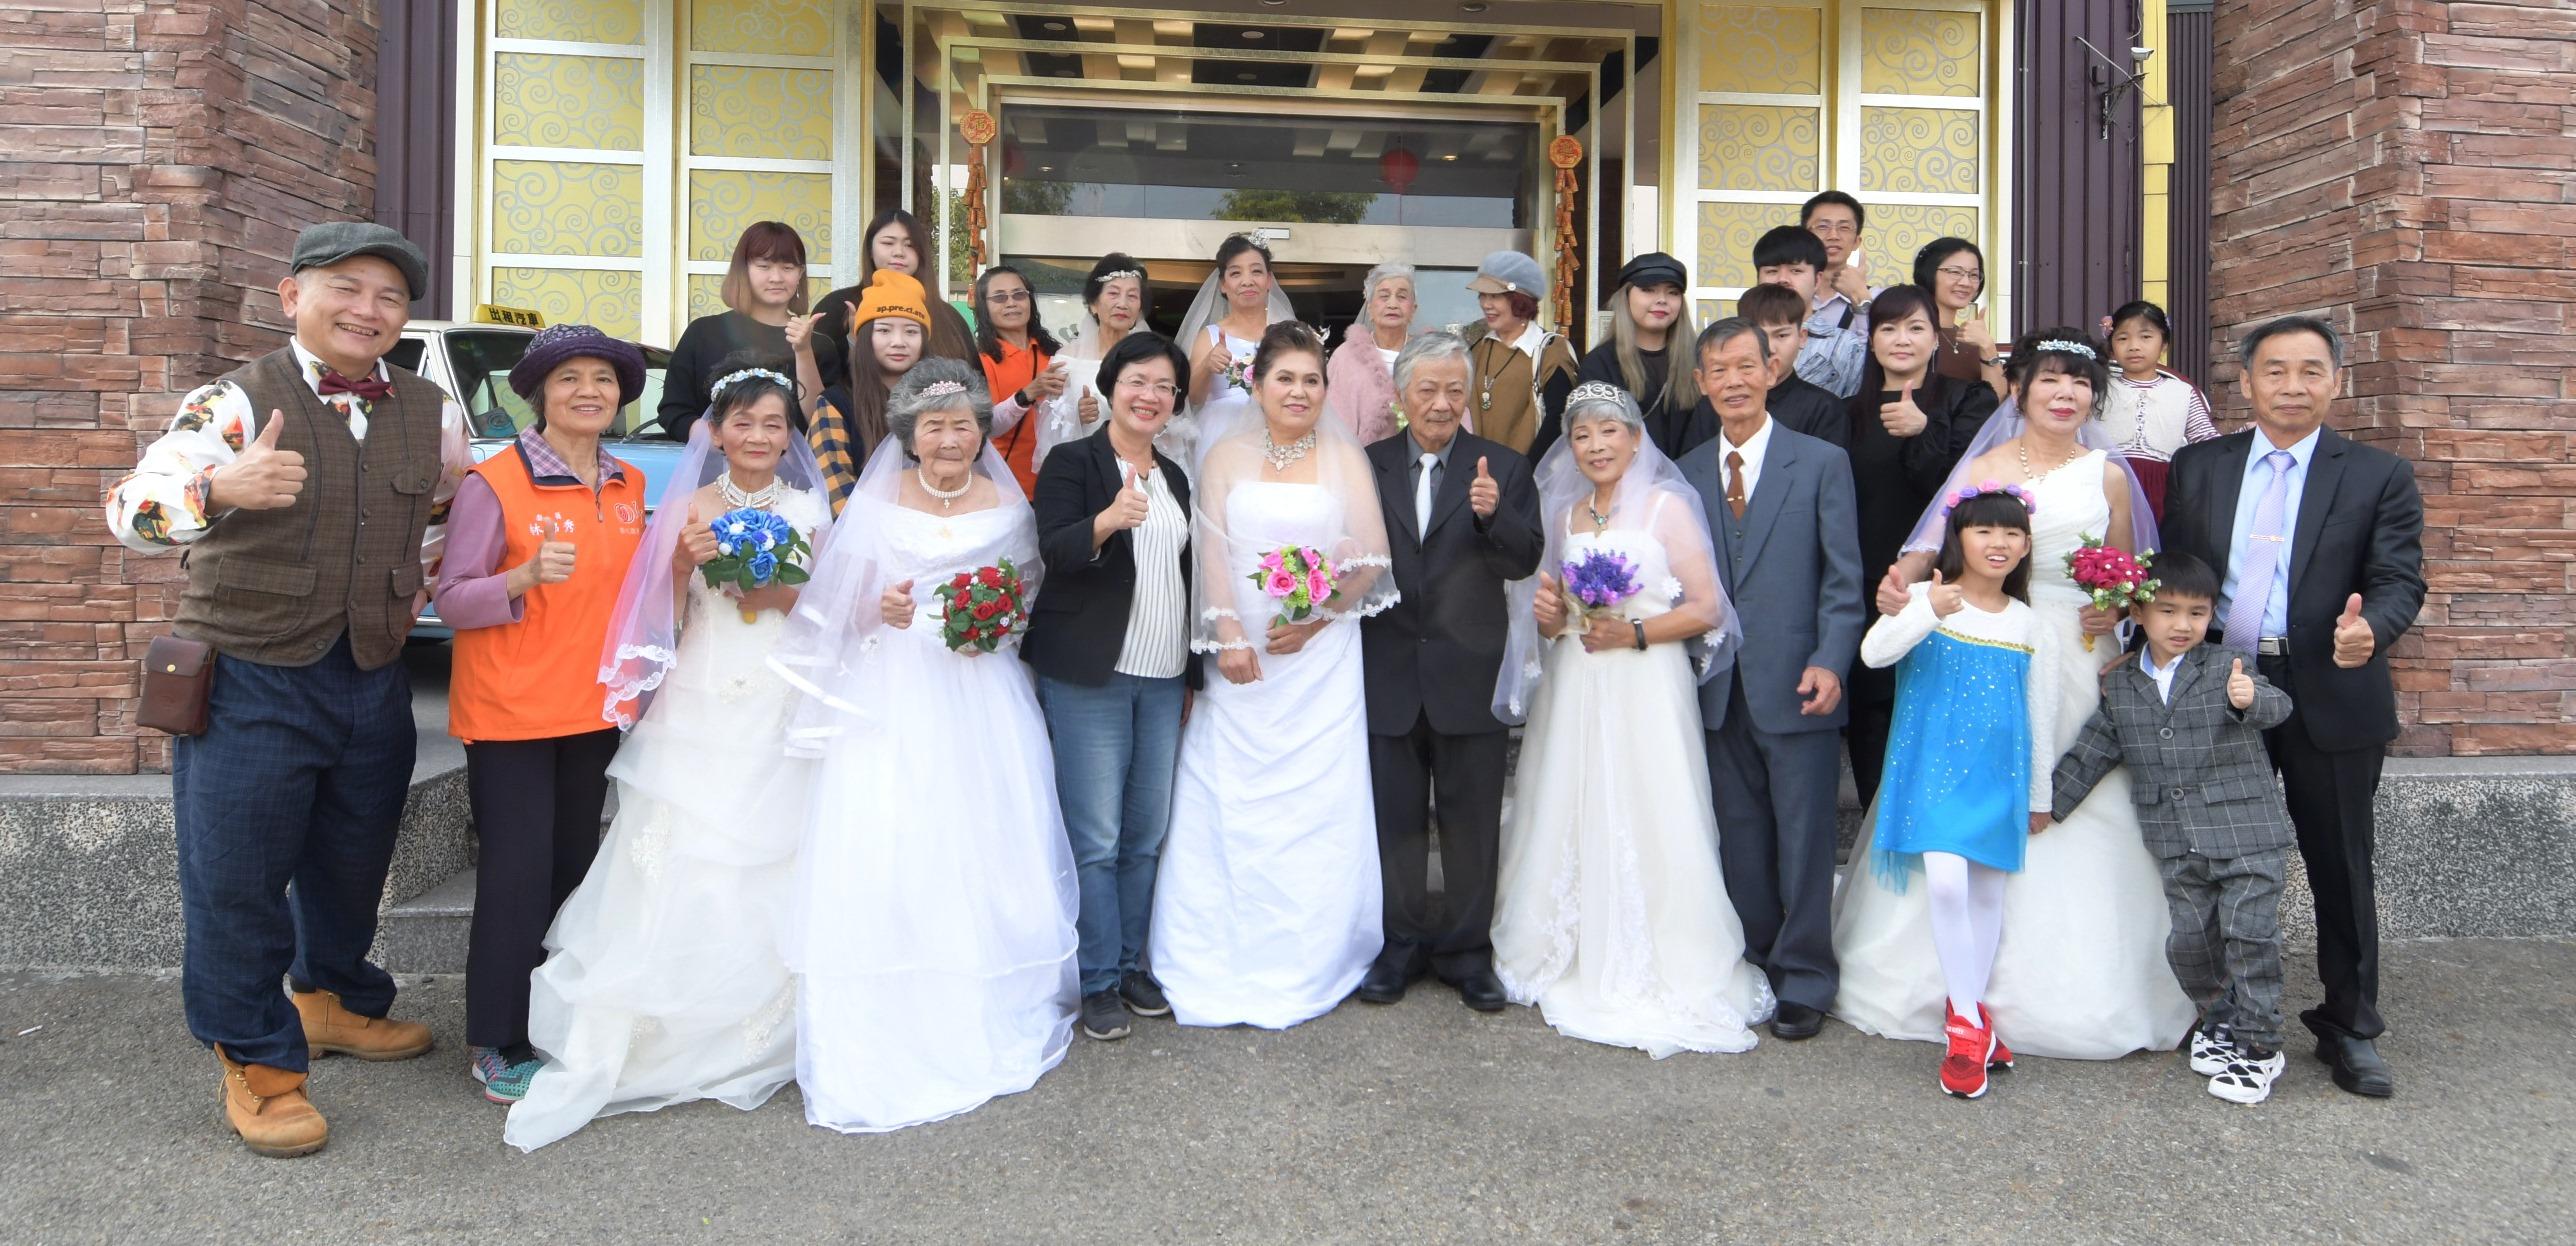 弘道老人福利基金會2019寒冬助老圍爐餐會 為長者圓夢 穿戴婚紗、拍攝婚紗照